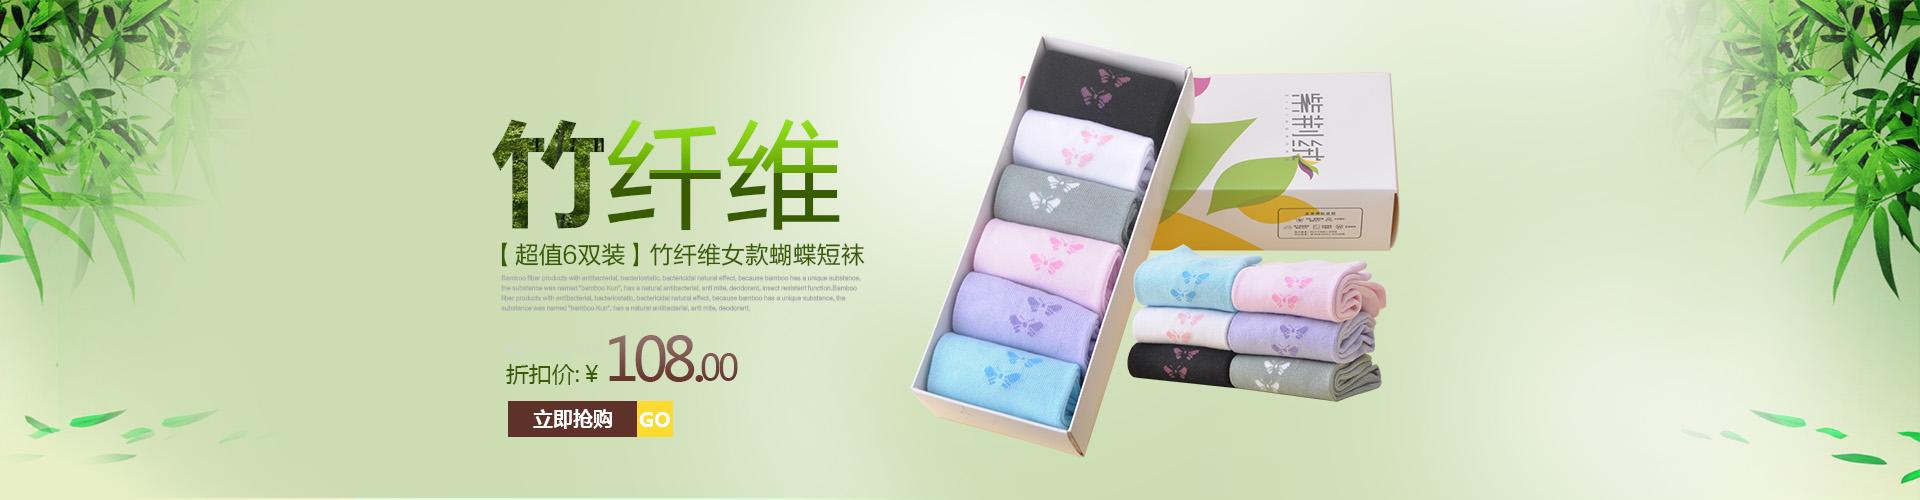 袜子详情模板设计,海报 网页 电商 cannytong - 原创图片